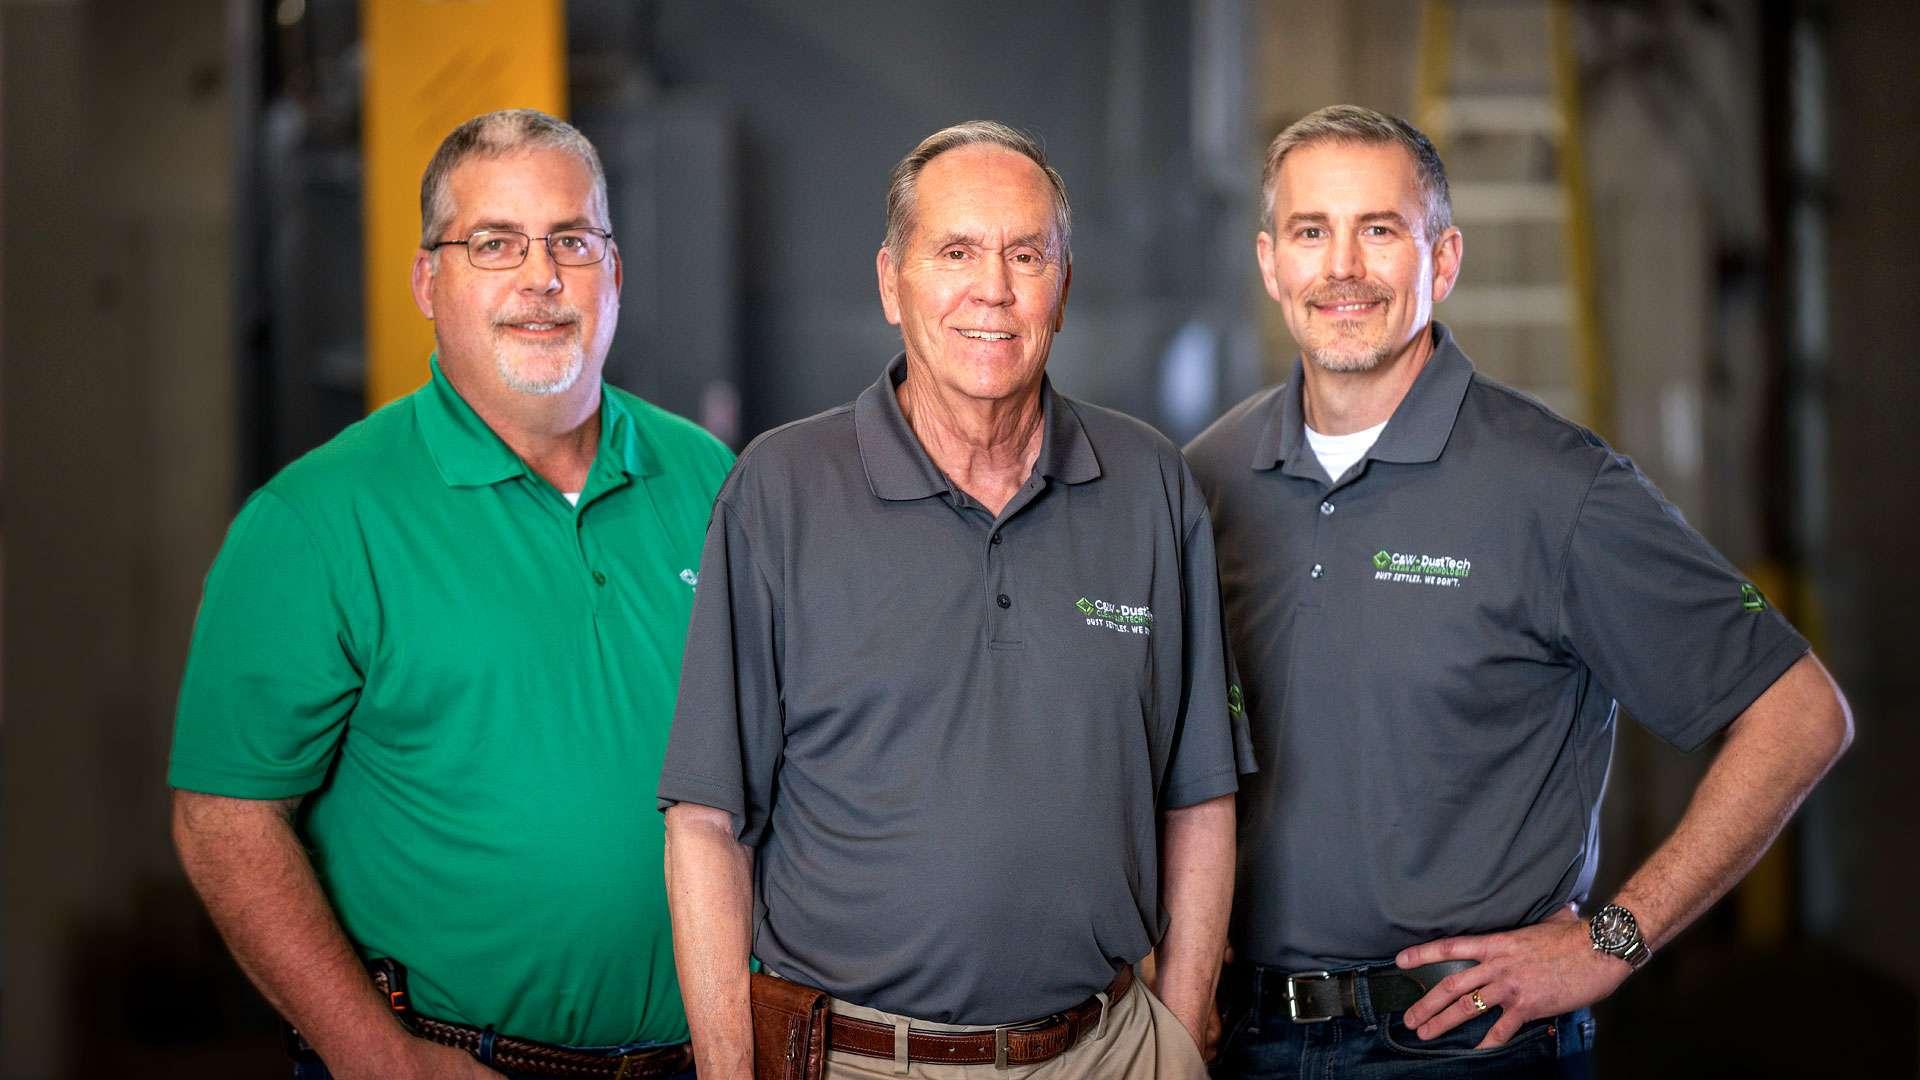 C&W DustTech Leadership